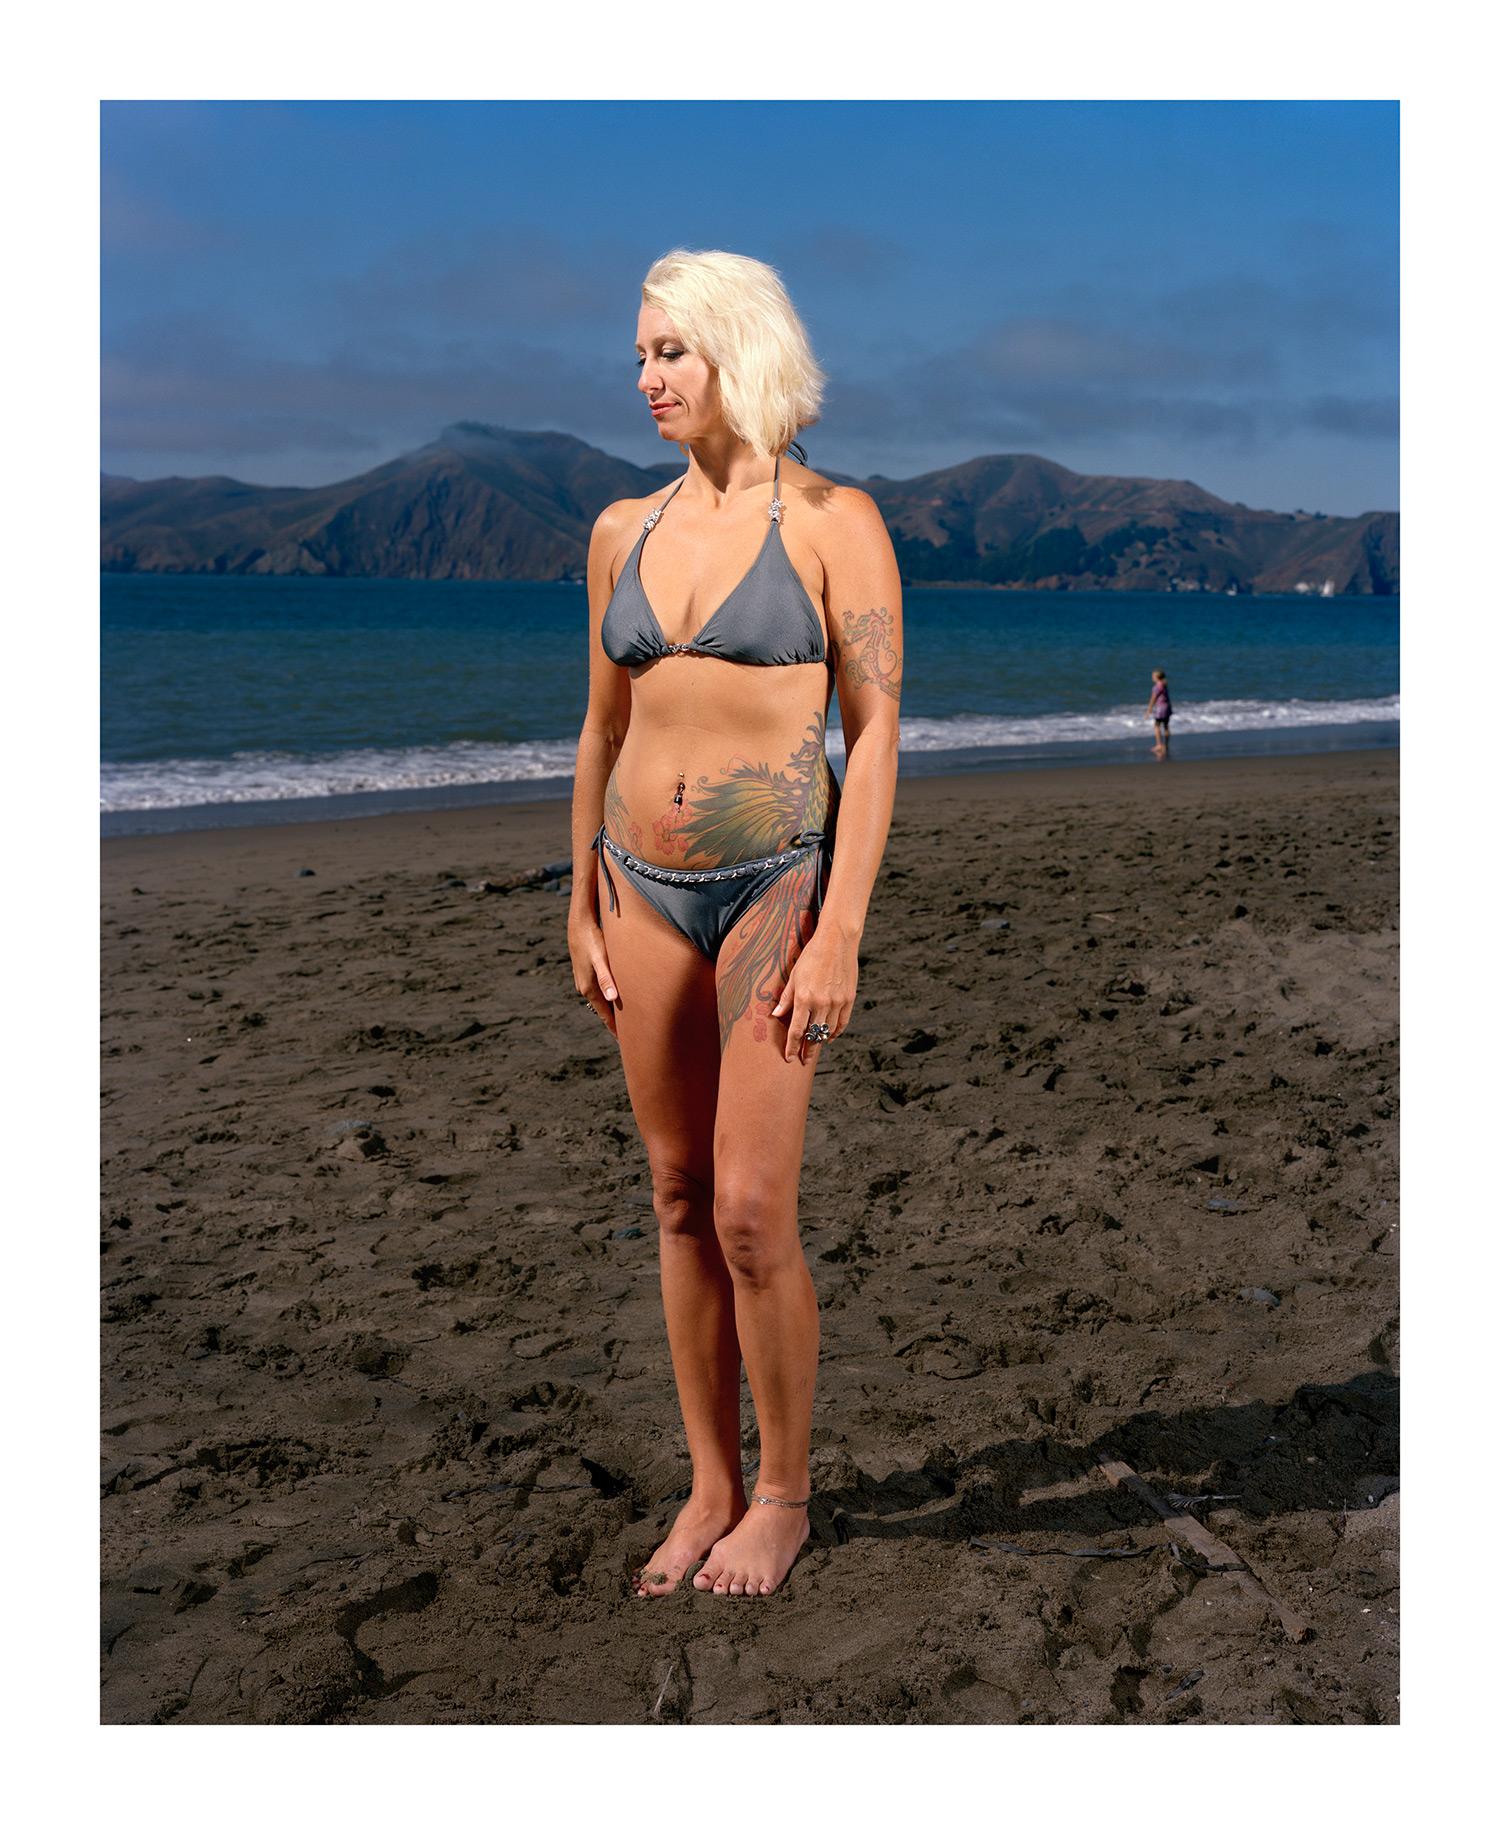 Woman on the Beach, San Francisco